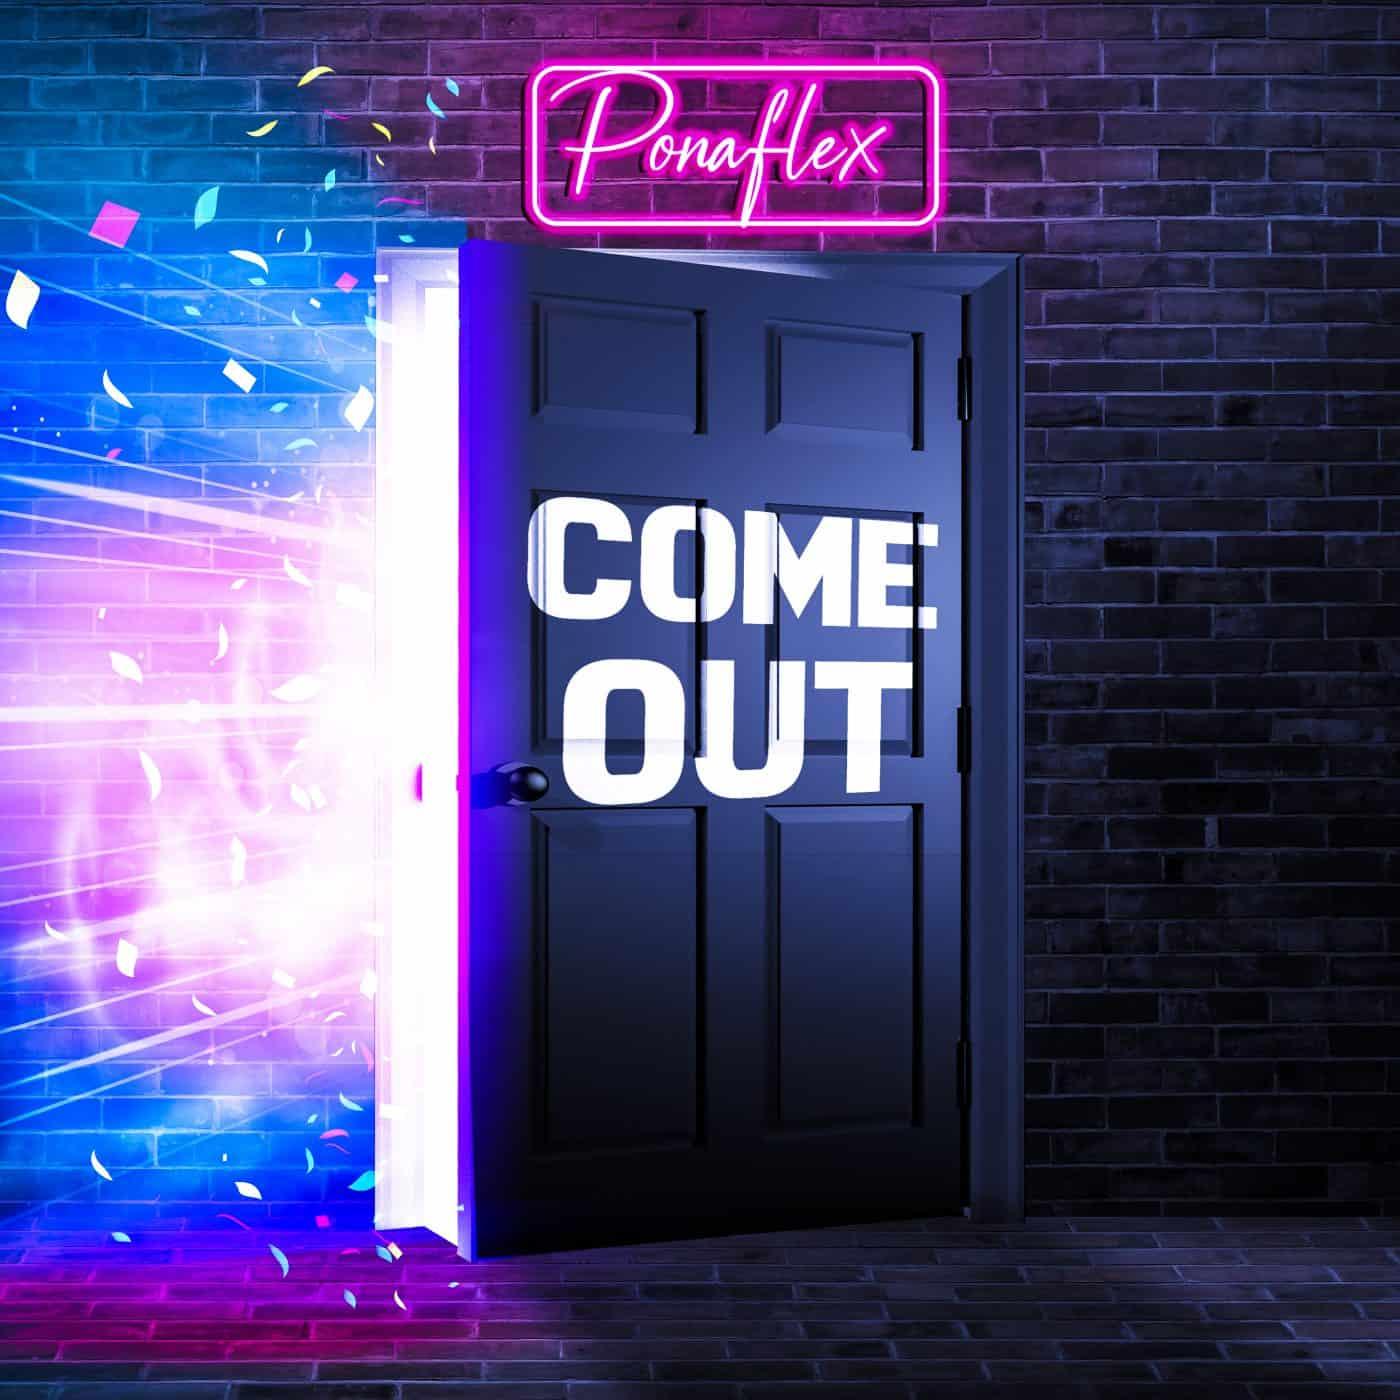 Ponaflex - Come Out